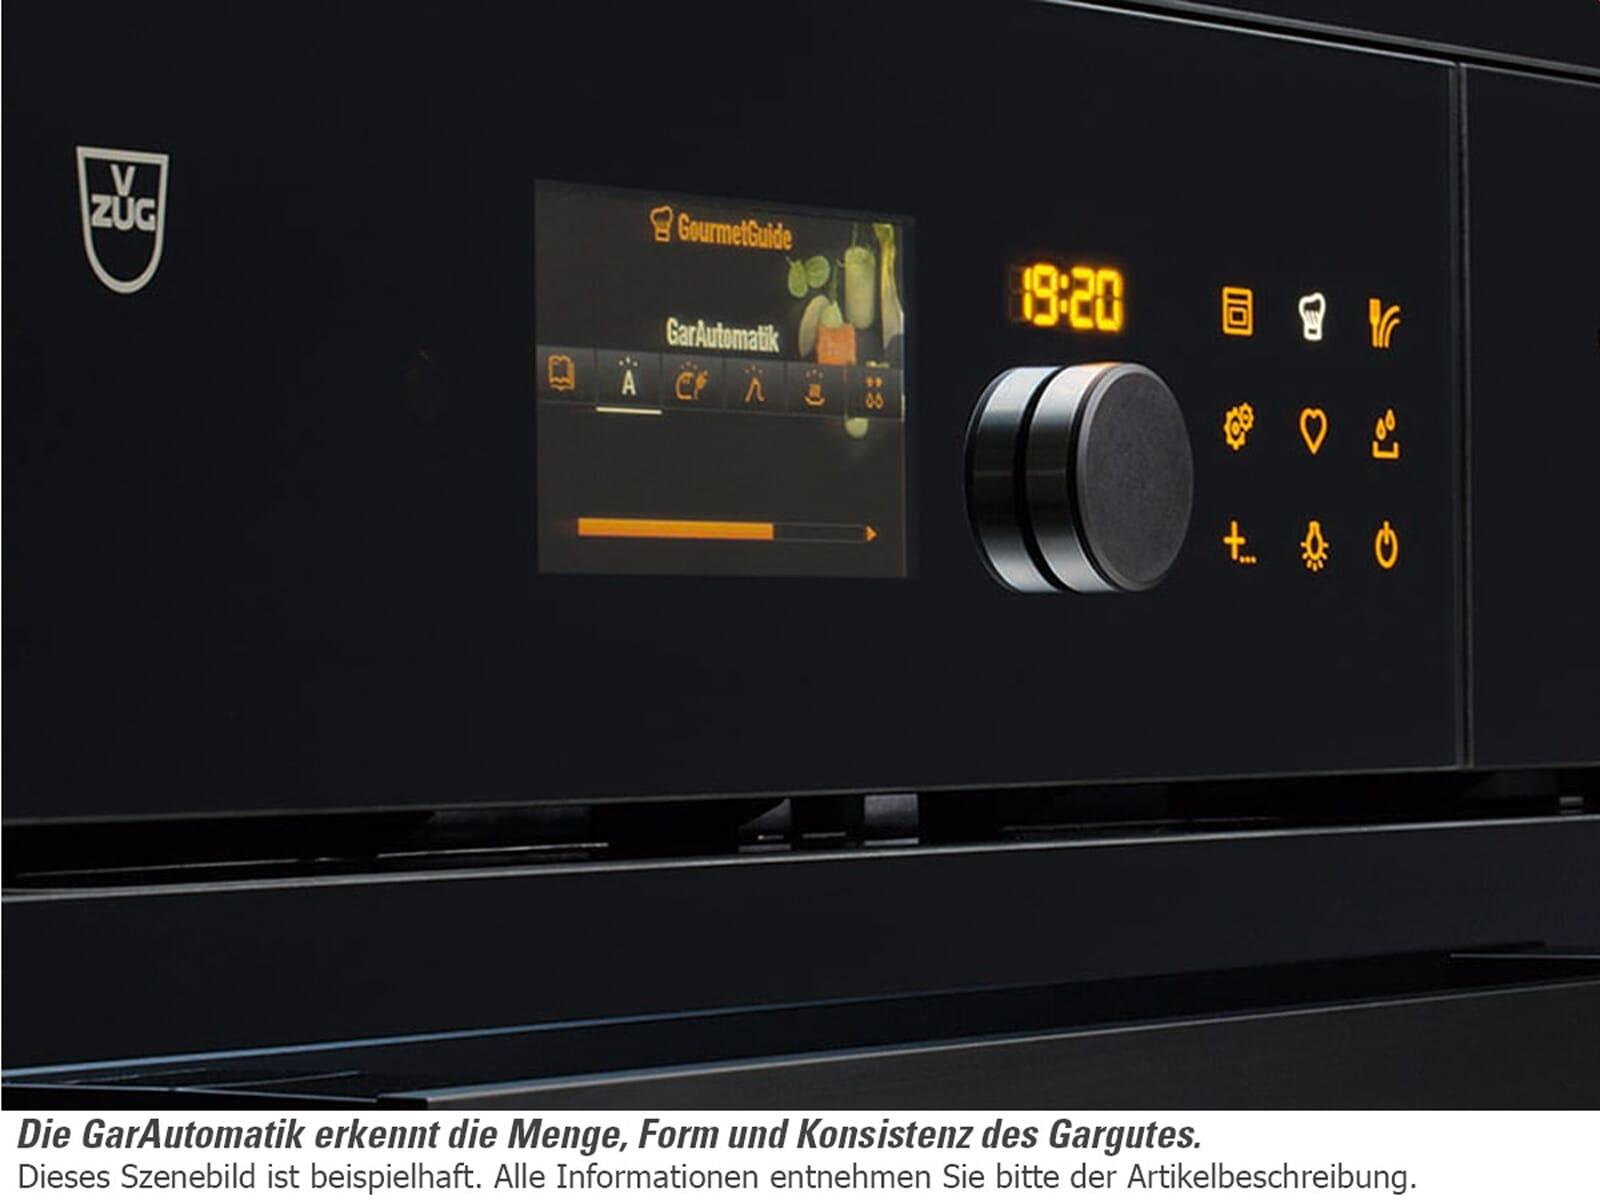 zug combi steam mslq 60 dampfgar backofen mit mikrowelle spiegelglas. Black Bedroom Furniture Sets. Home Design Ideas